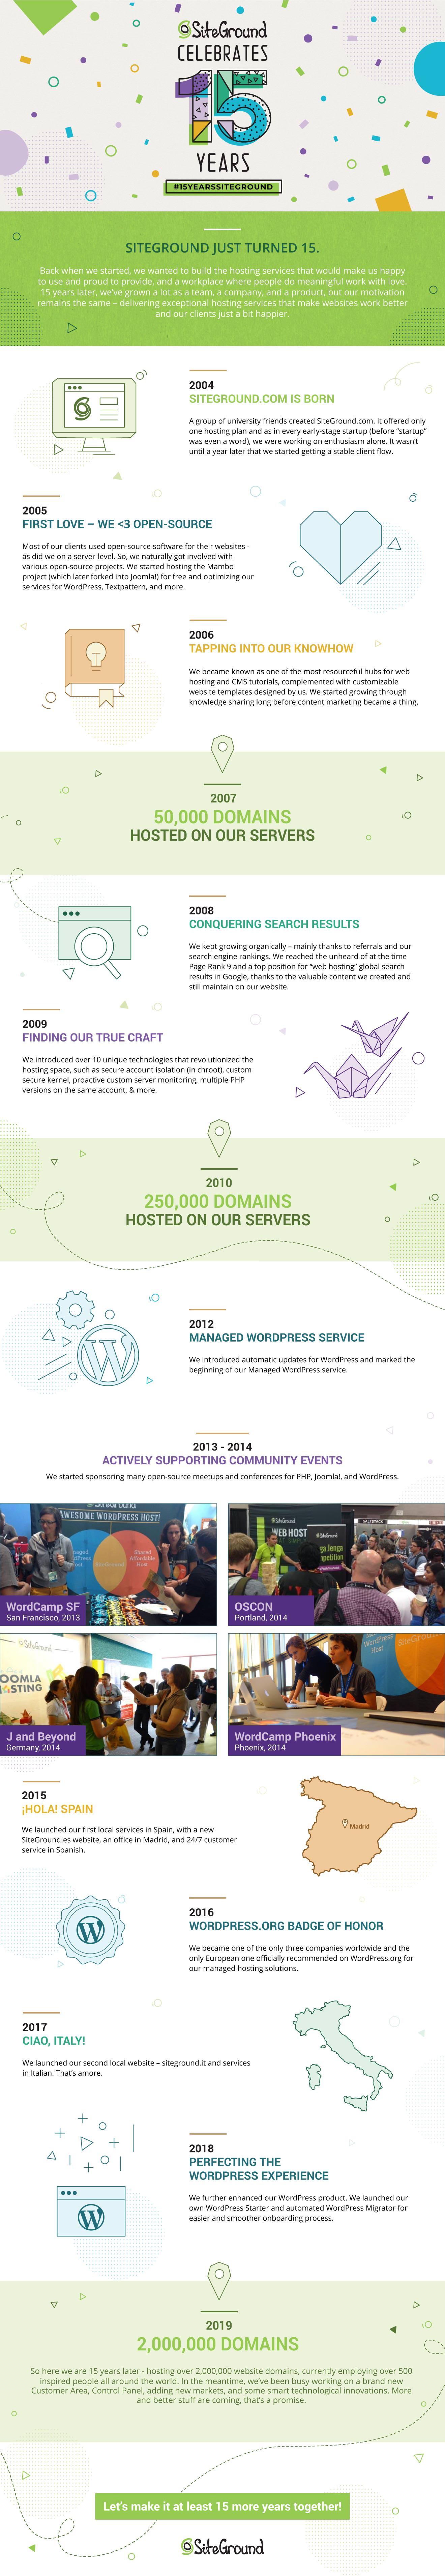 Infografica sui 15 anni di Siteground